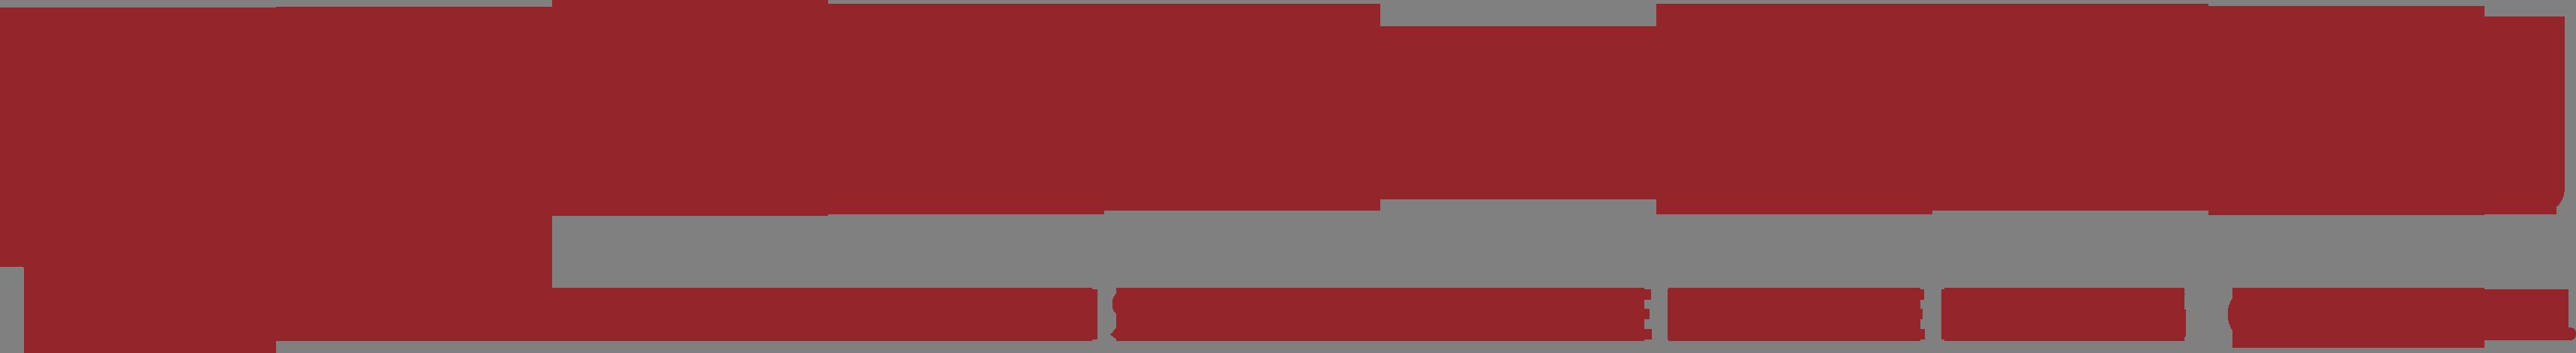 人才招聘-北京建工二建公司